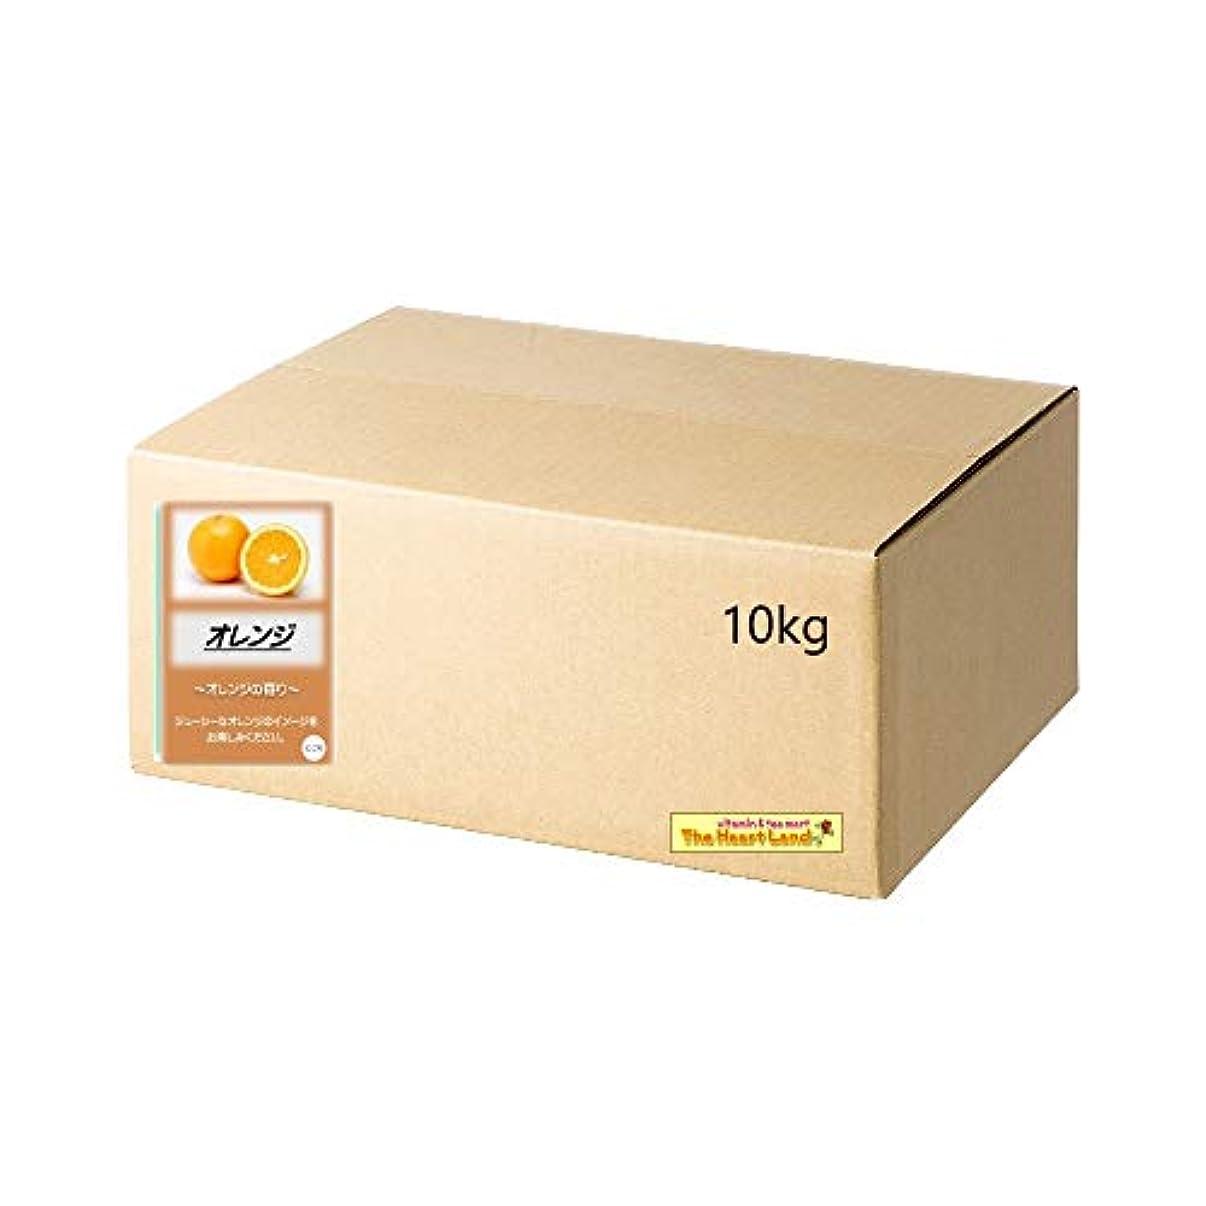 メガロポリス現金実り多いアサヒ入浴剤 浴用入浴化粧品 オレンジ 10kg